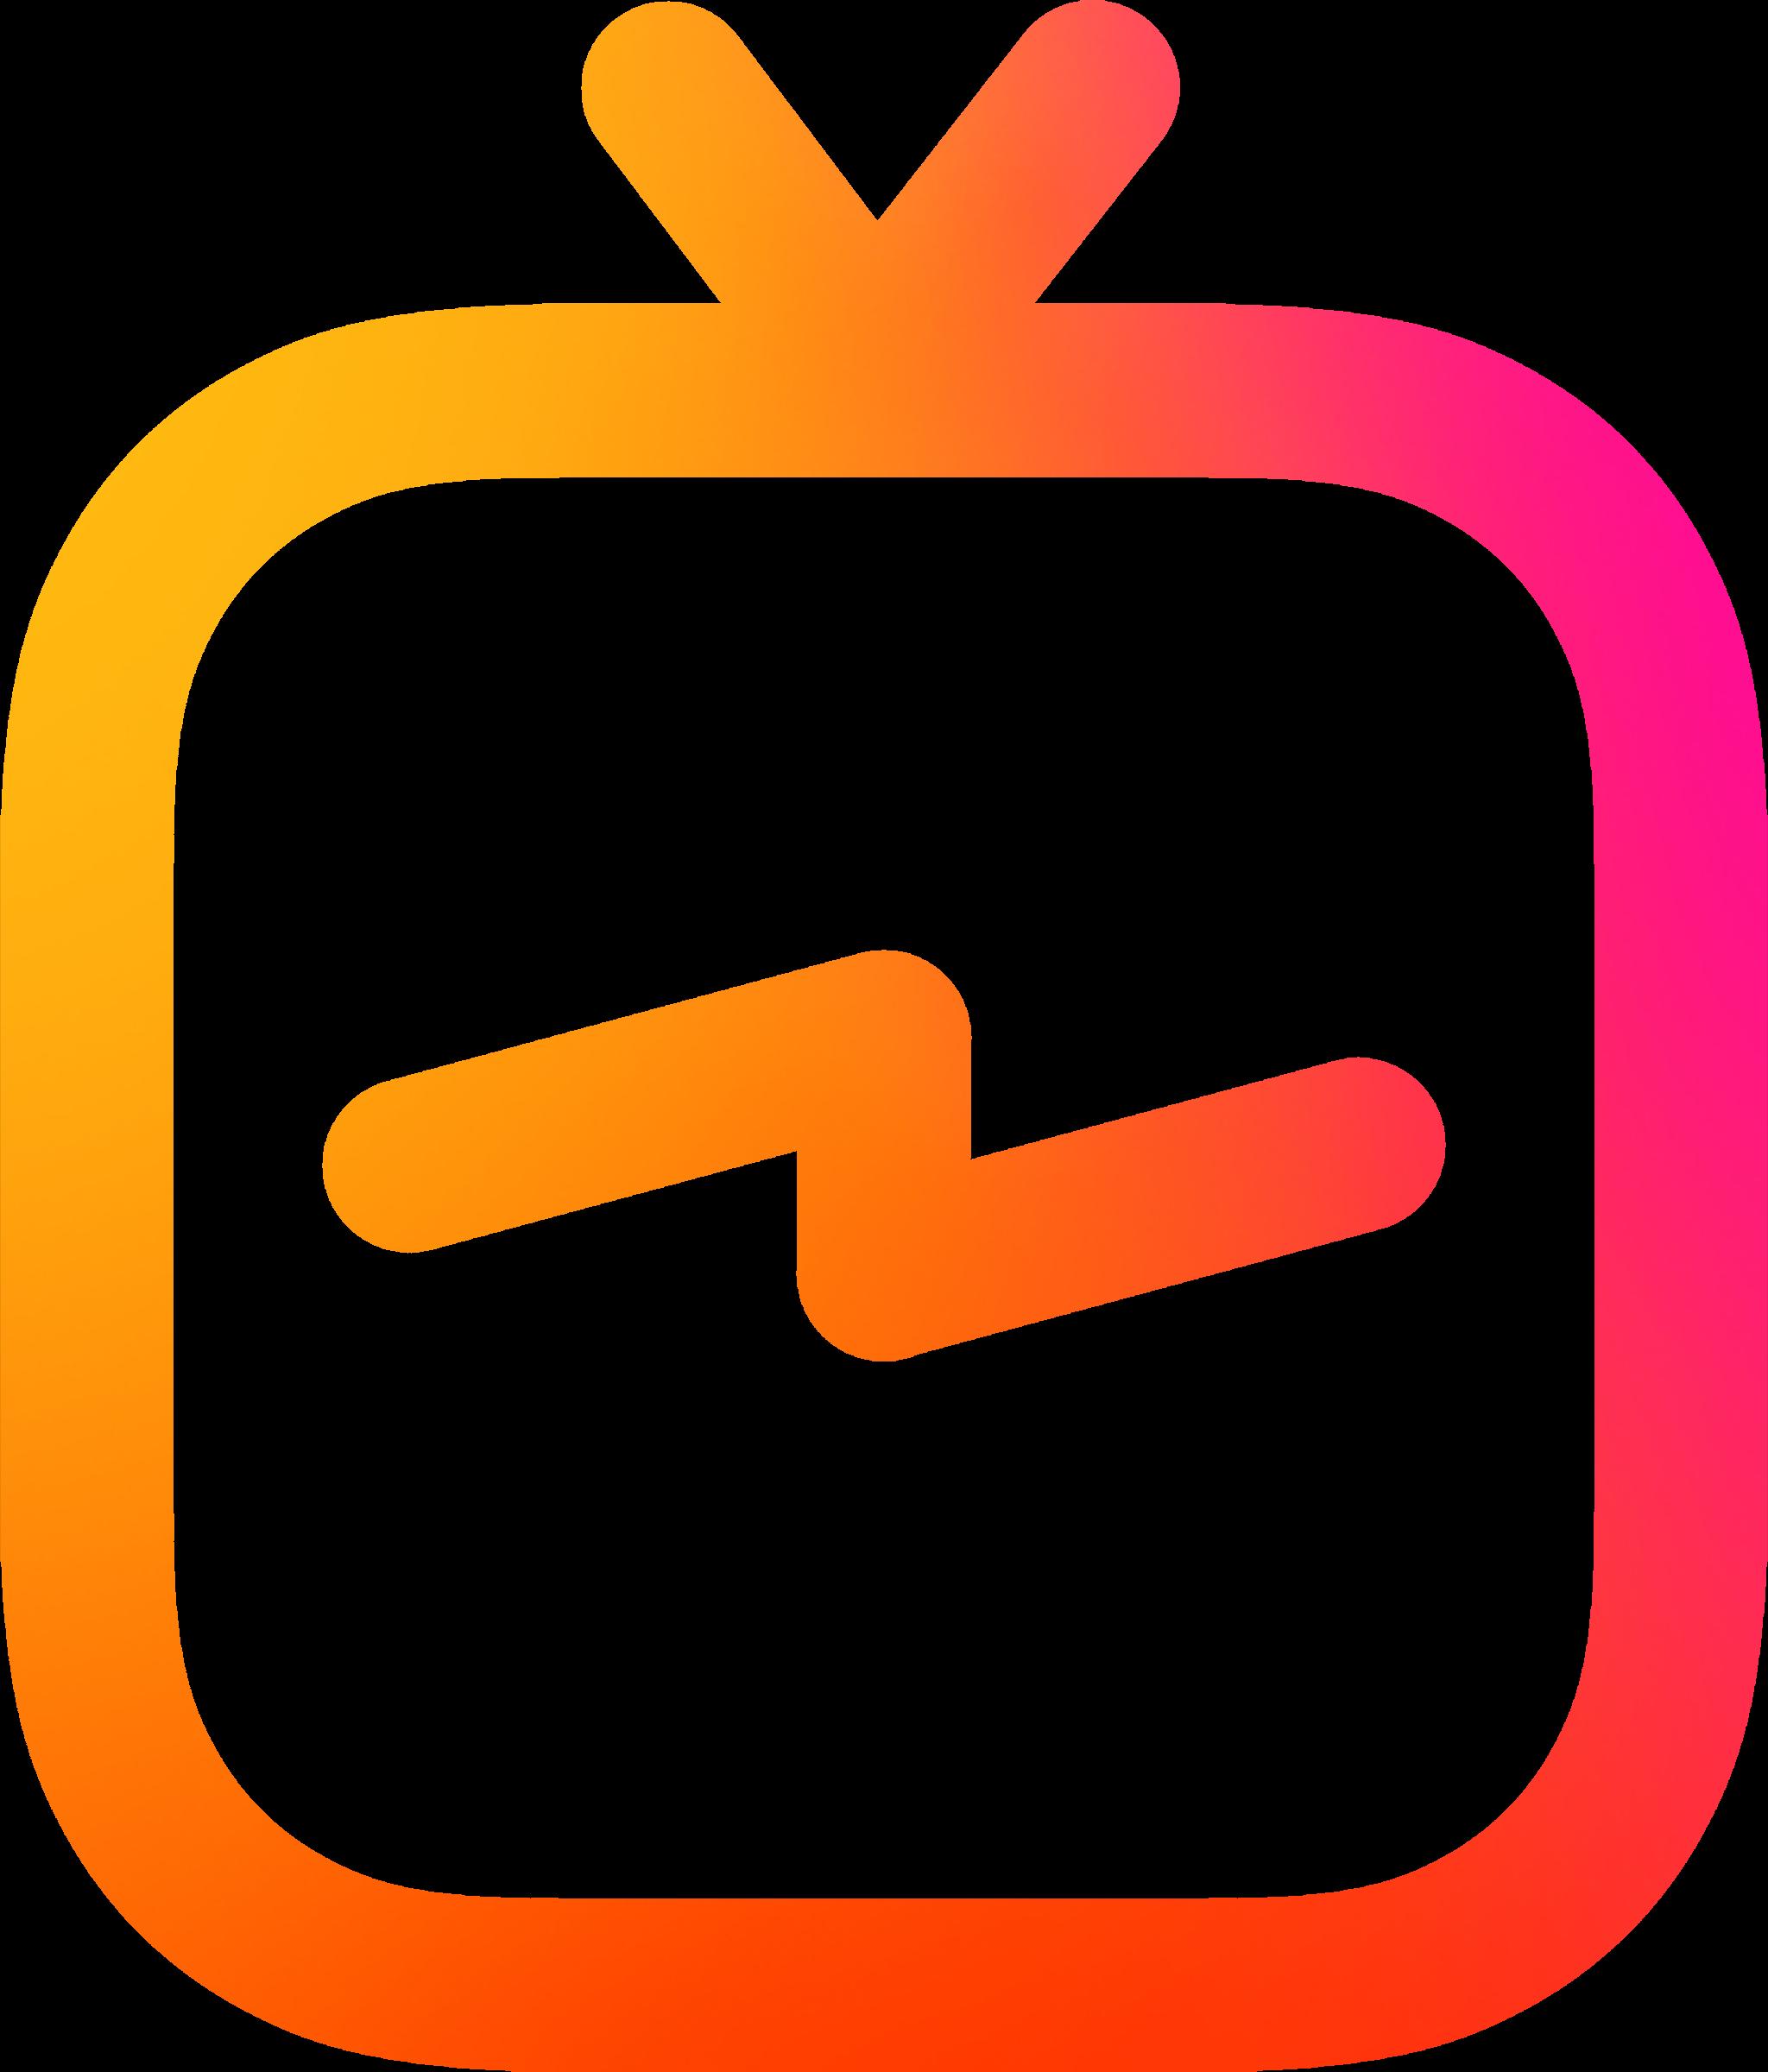 Is png vector. Igtv logo transparent svg